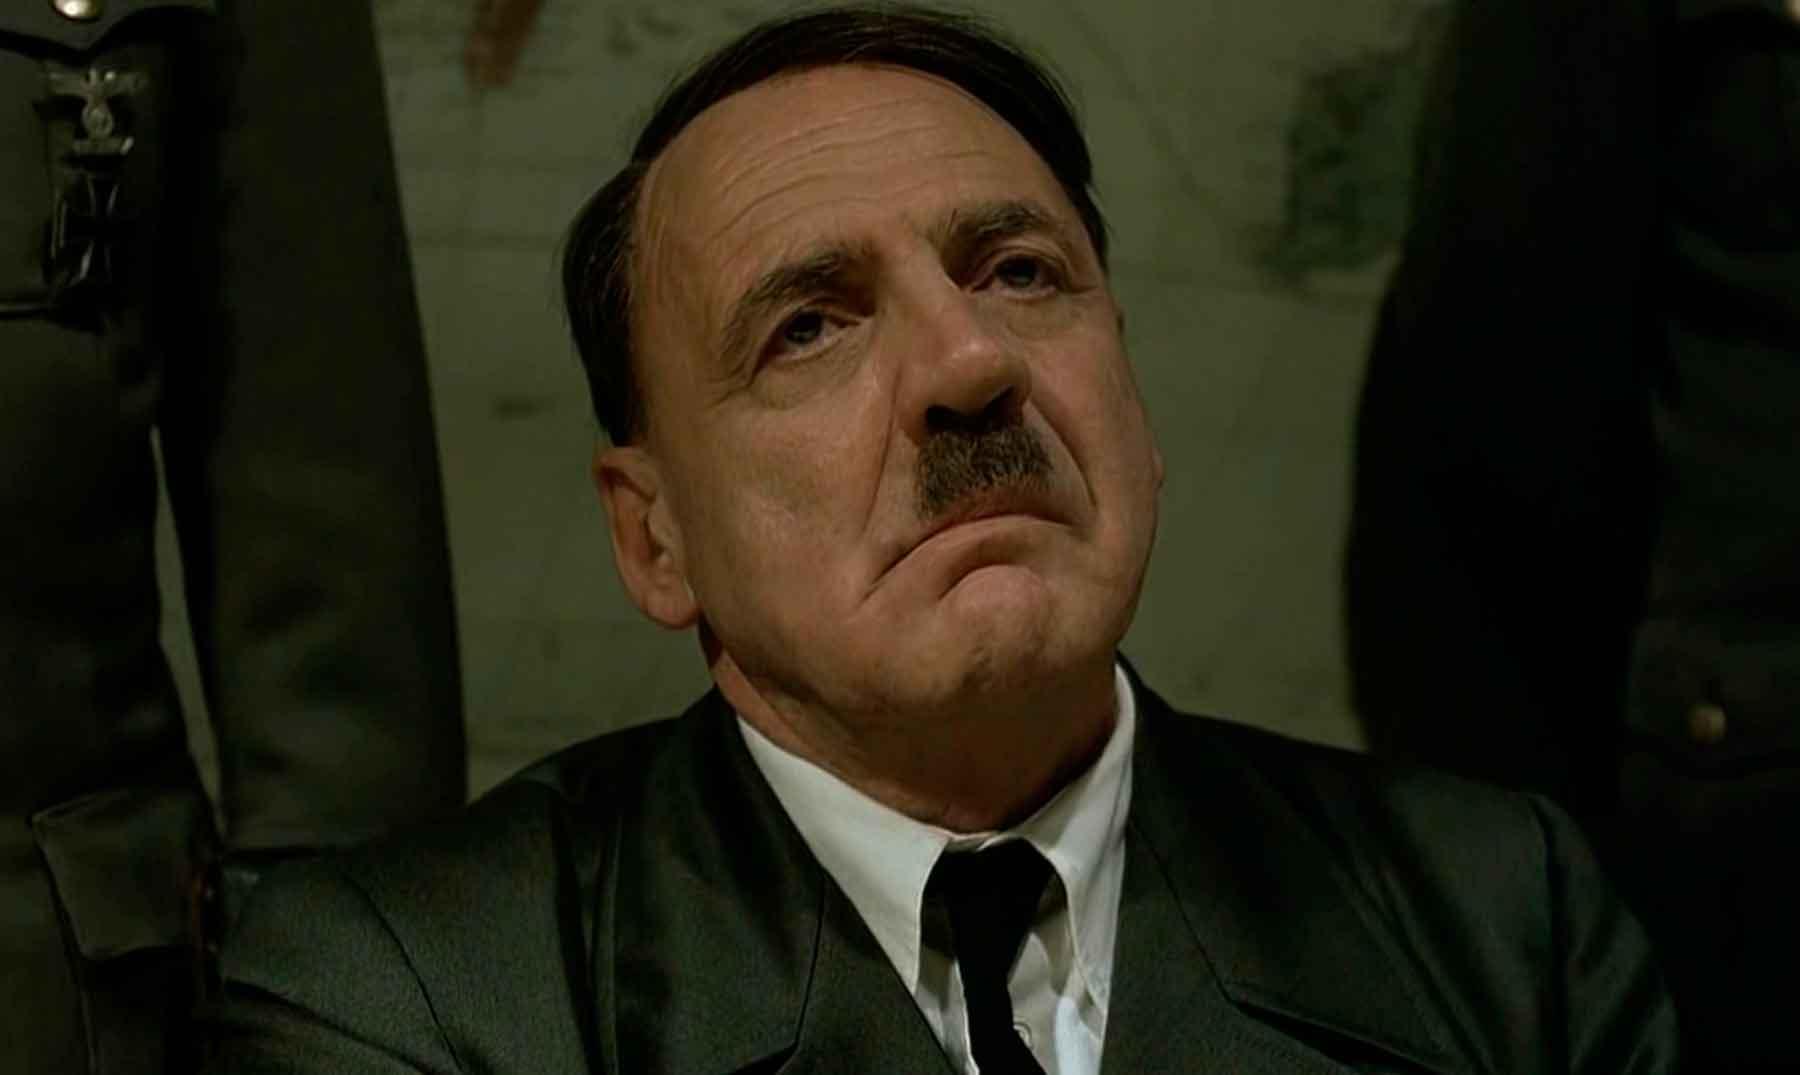 El misterio del testículo de Hitler